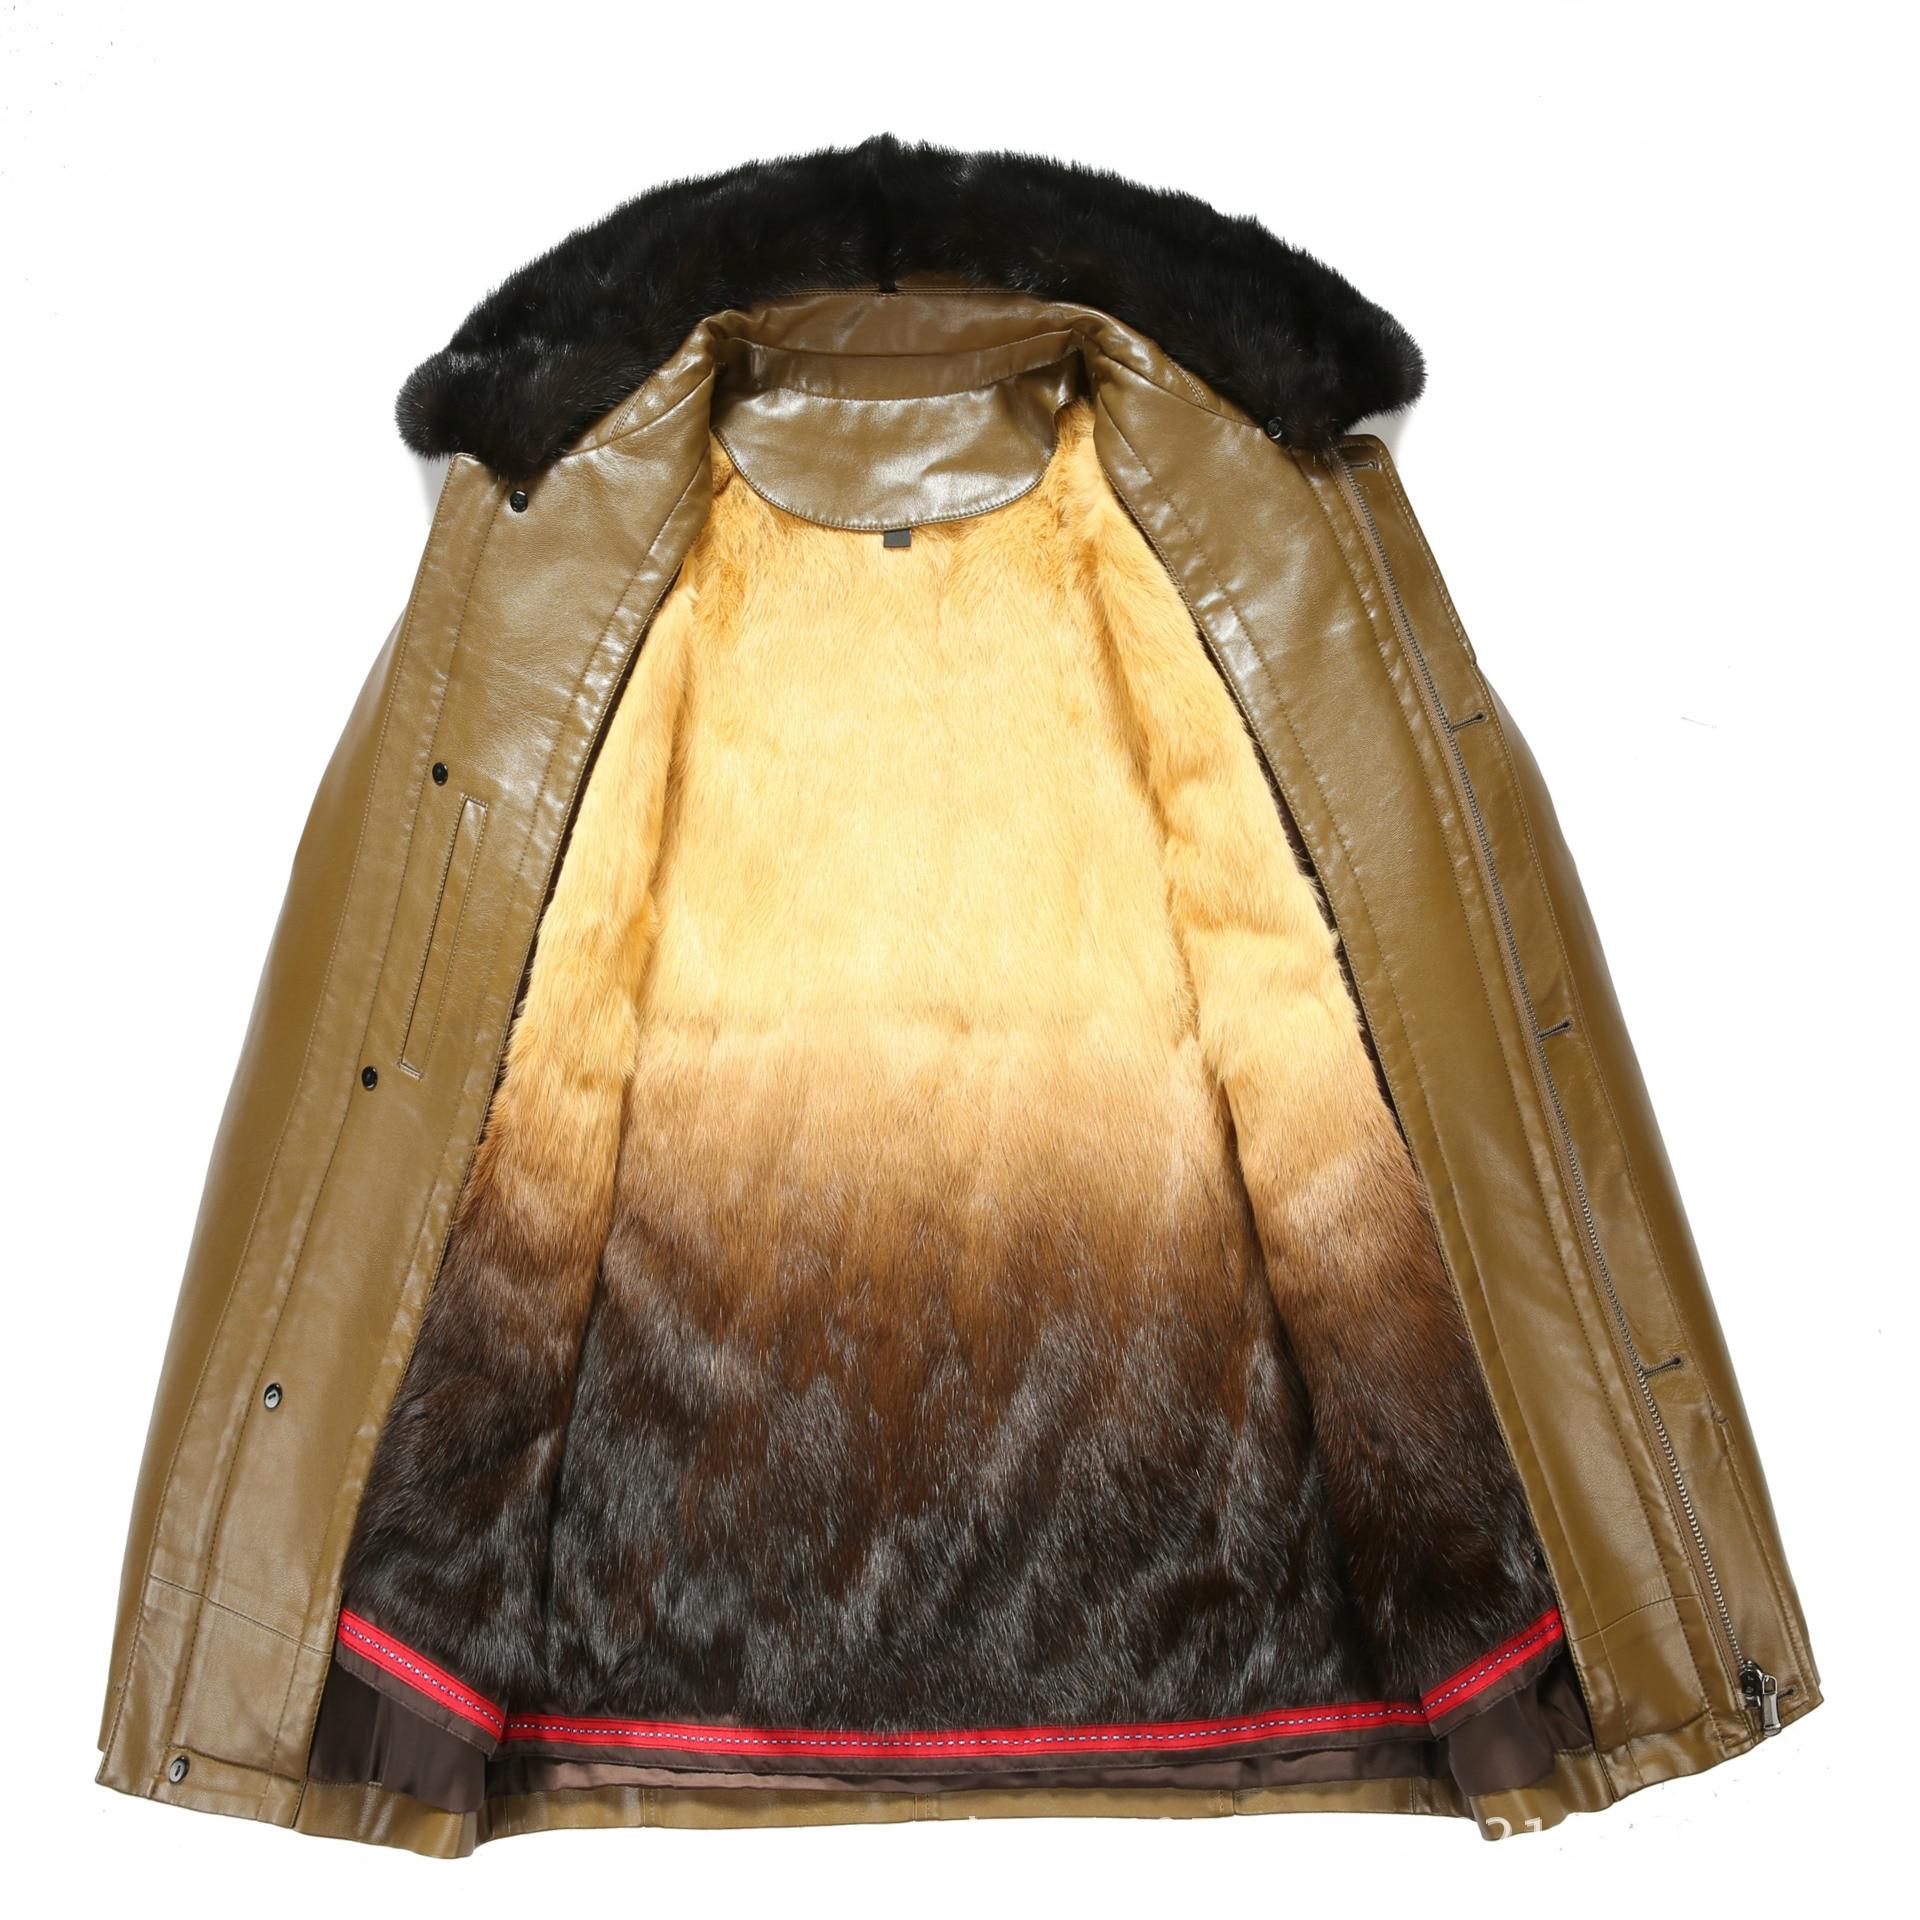 817 nueva moda ropa de invierno Chaqueta larga para hombre abrigo de cuero para hombre abrigo de piel de conejo de invierno chaqueta de piel de visón - 3